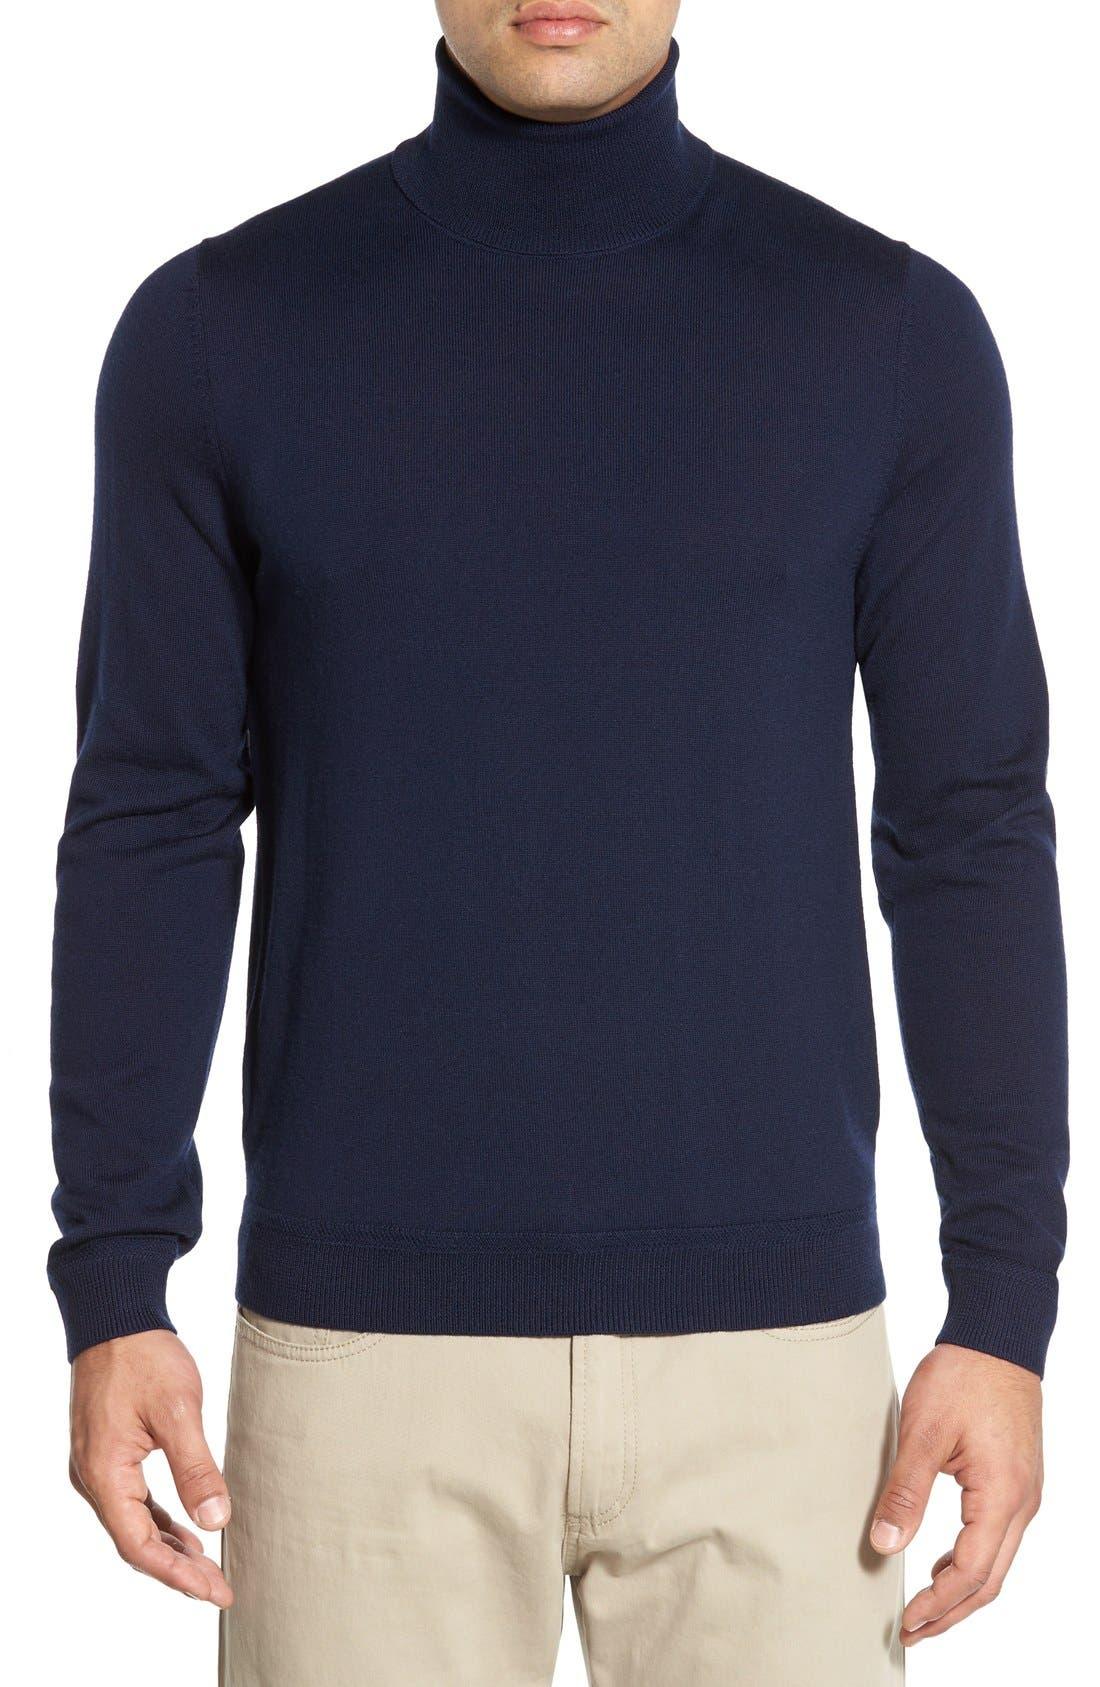 Main Image - John W. Nordstrom® Wool Turtleneck Sweater